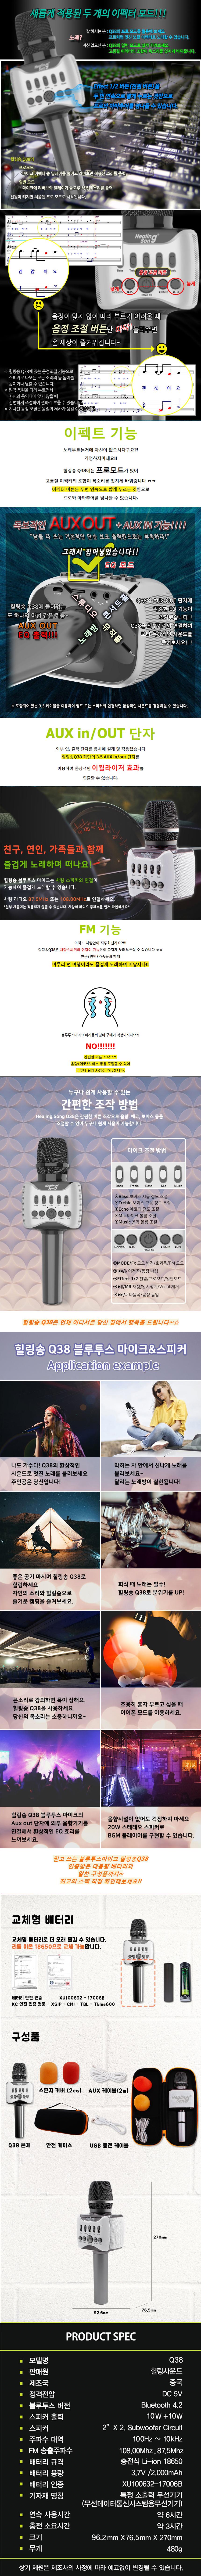 Q38-SANGSE-2.jpg